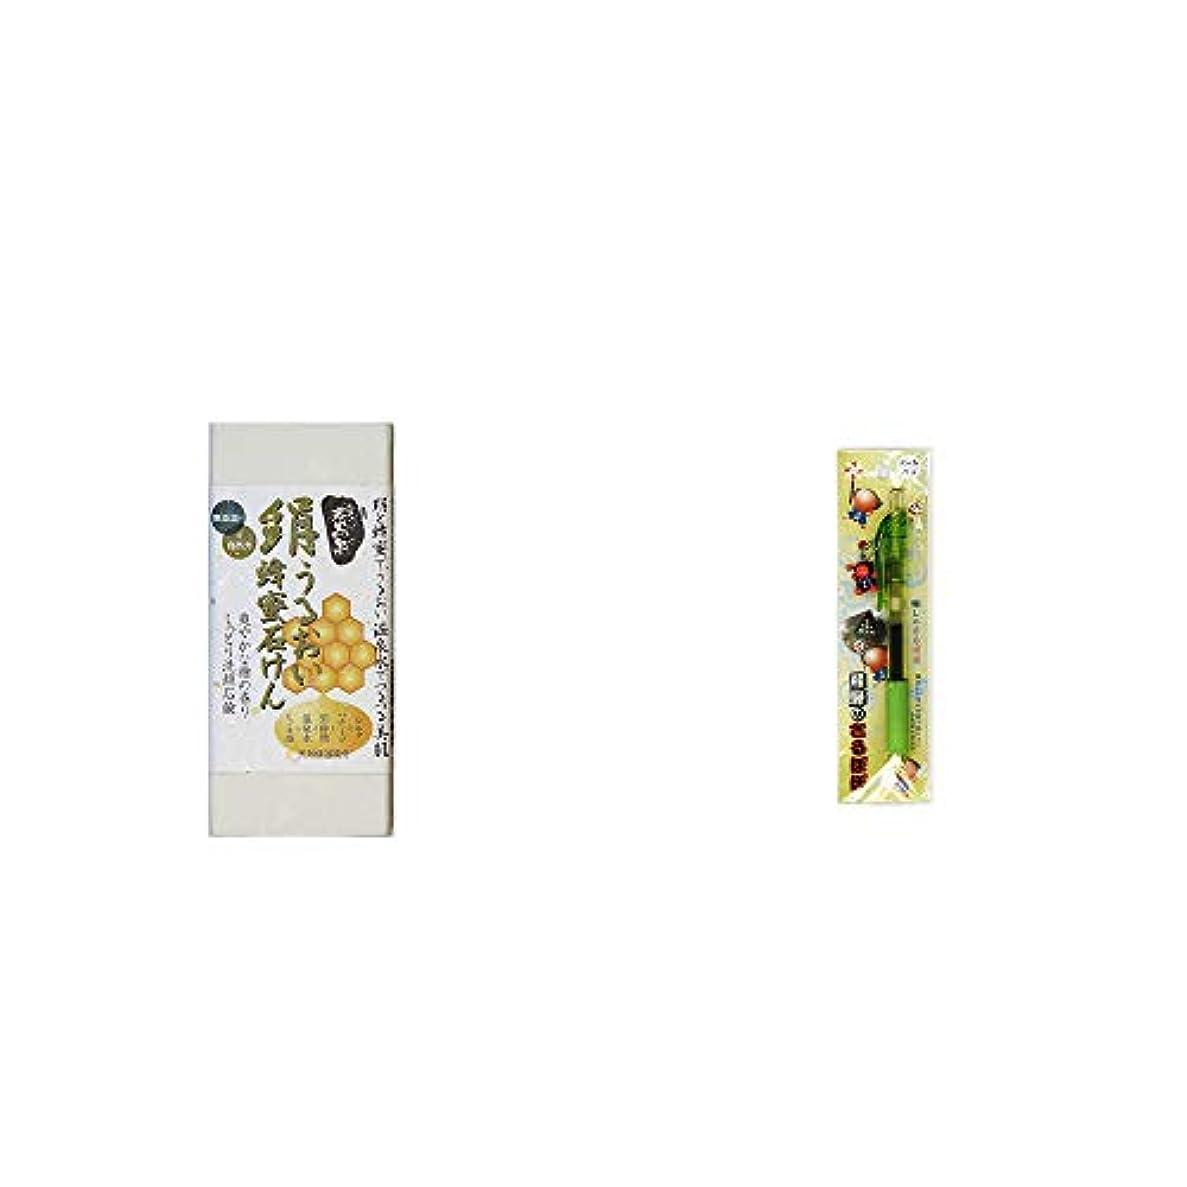 契約した受け入れた水差し[2点セット] ひのき炭黒泉 絹うるおい蜂蜜石けん(75g×2)?さるぼぼ 癒しボールペン 【グリーン】